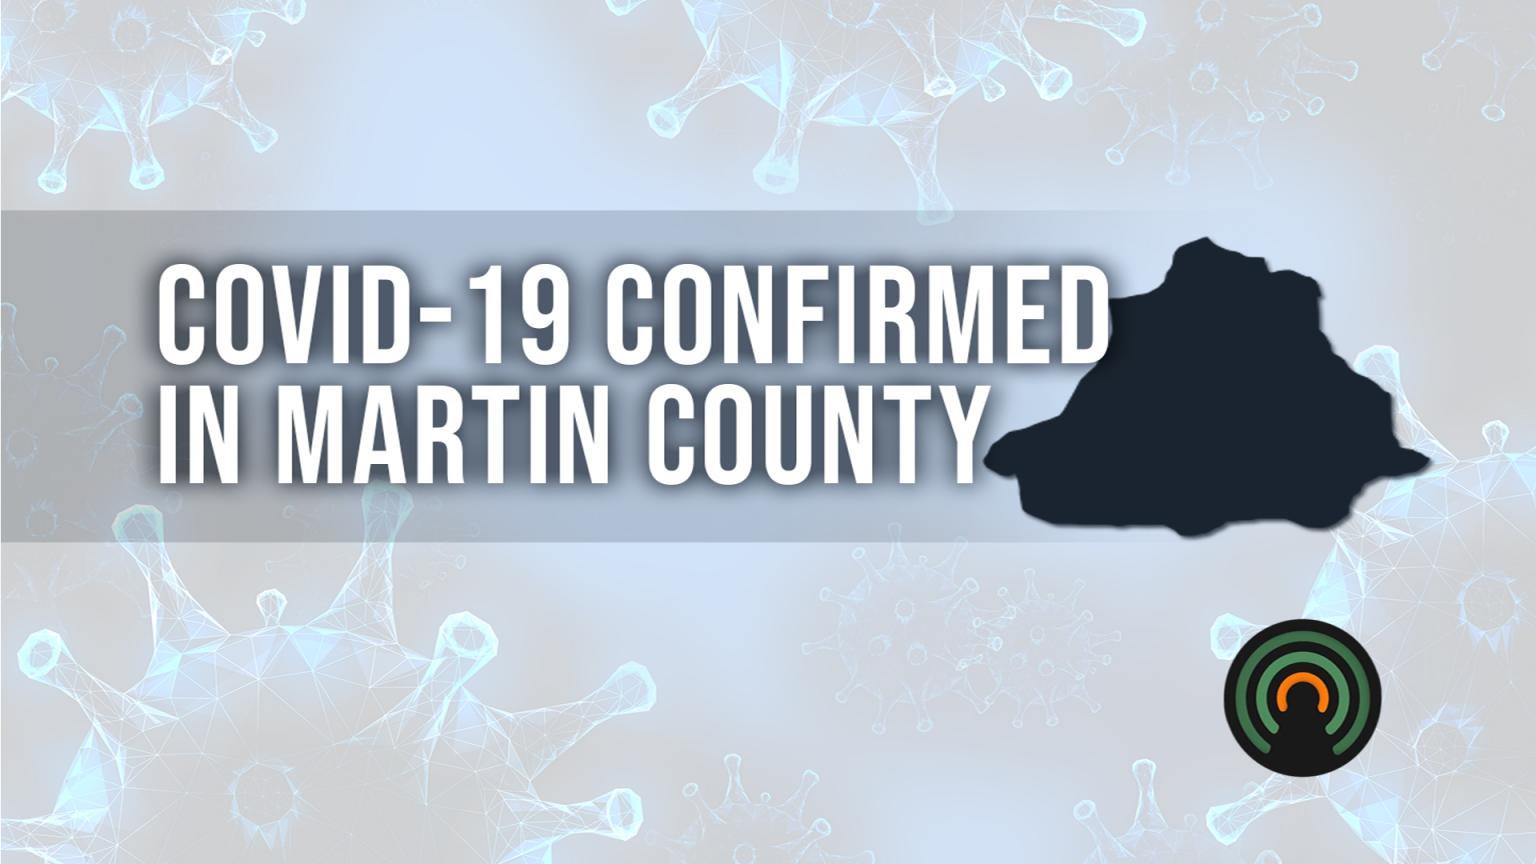 New COVID-19 Case Announced In Martin Co.